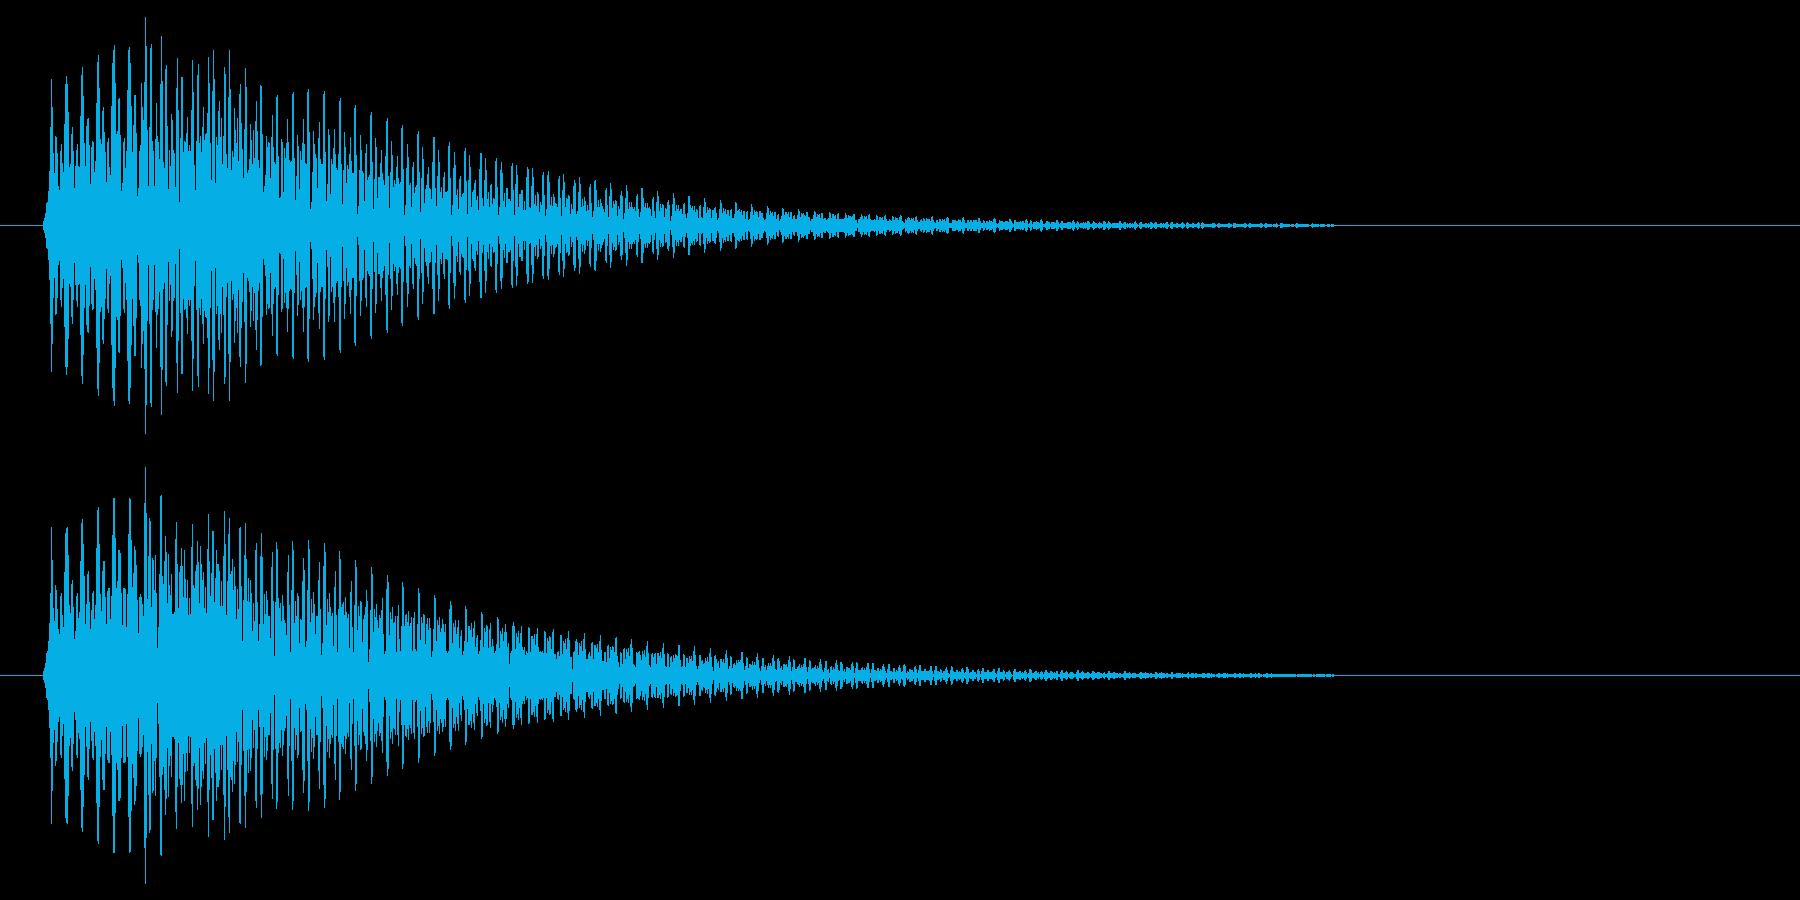 ポロン(すぐ減衰する柔らかめのシンセ音)の再生済みの波形